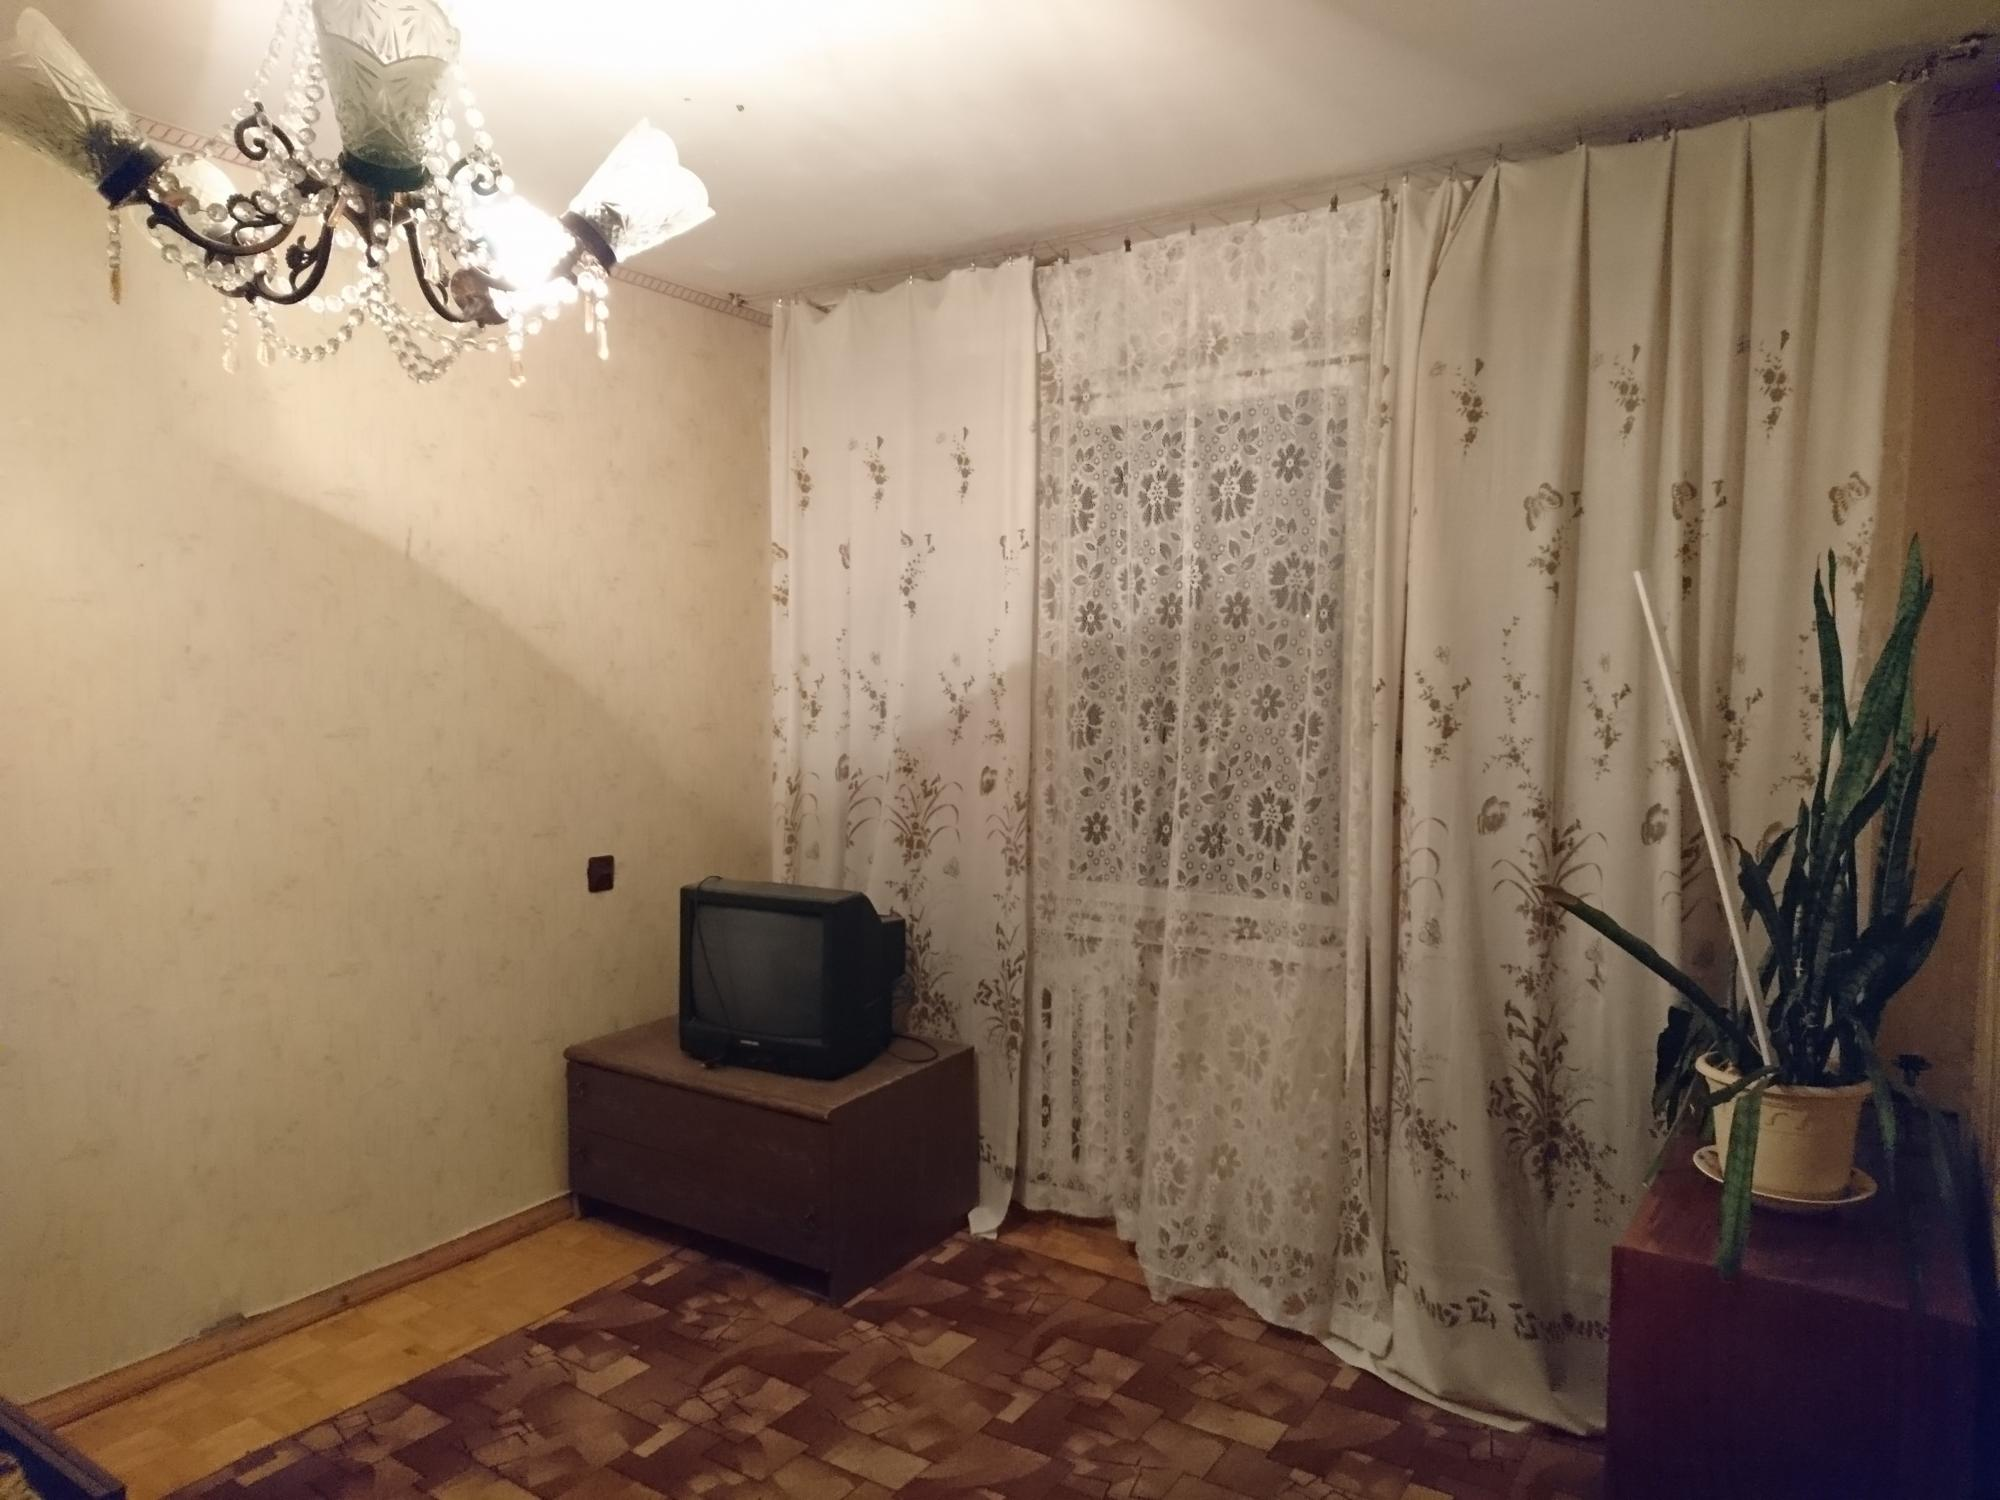 Квартира, 2 комнаты, 50 м² в Пушкино 89055552967 купить 1